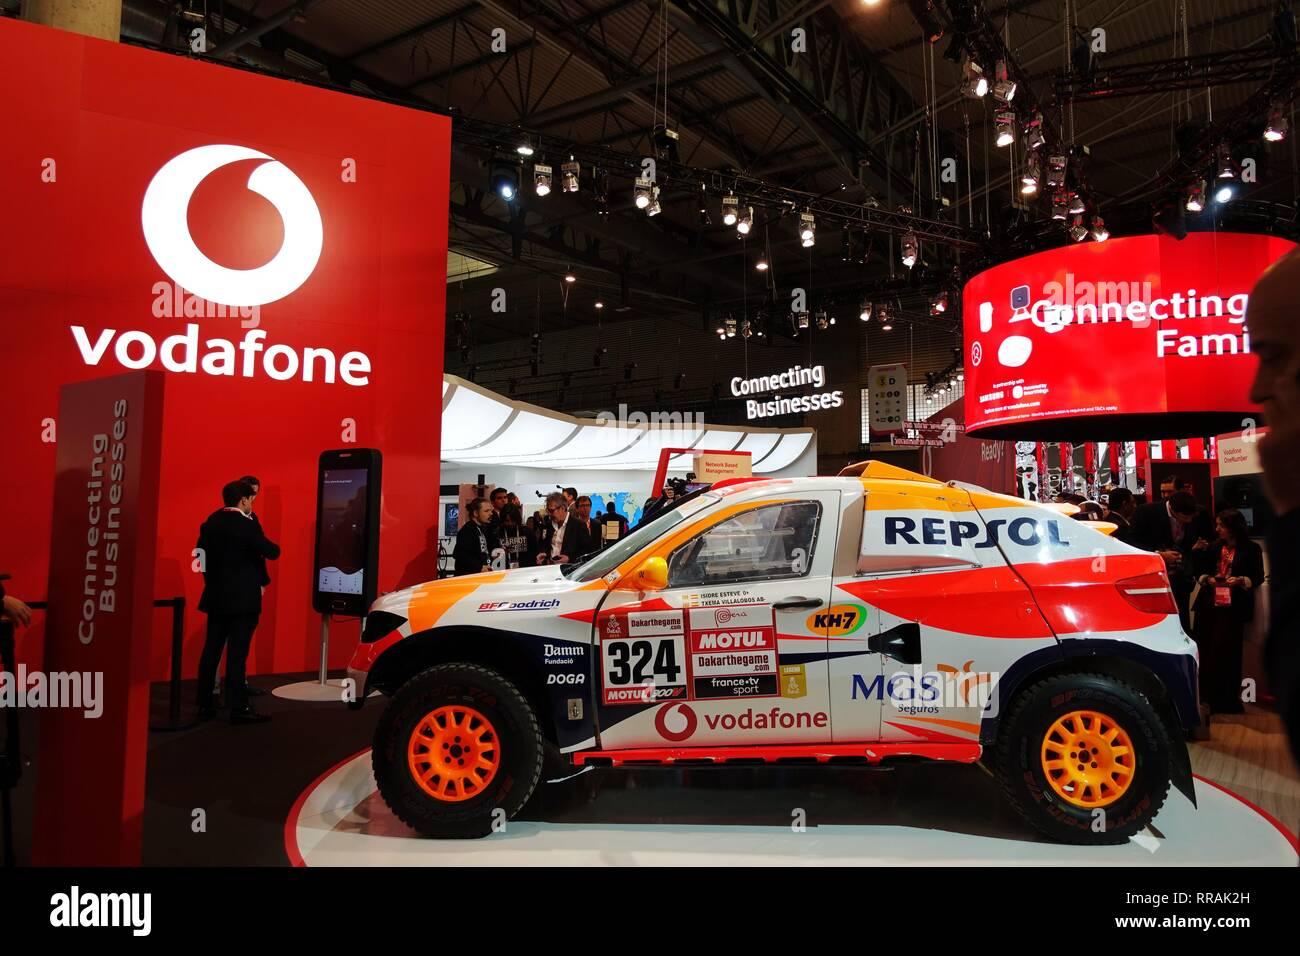 Barcelone, Espagne. Feb 25, 2019. Les personnes sont considérées au stand de l'entreprise mobile Vodafone au Mobile World Congress 2019 (MWC) à Barcelone, Espagne, le 25 février 2019. Les quatre jours de la CMM 2019 s'est ouverte lundi à Barcelone. Credit: Guo Qiuda/Xinhua/Alamy Live News Banque D'Images